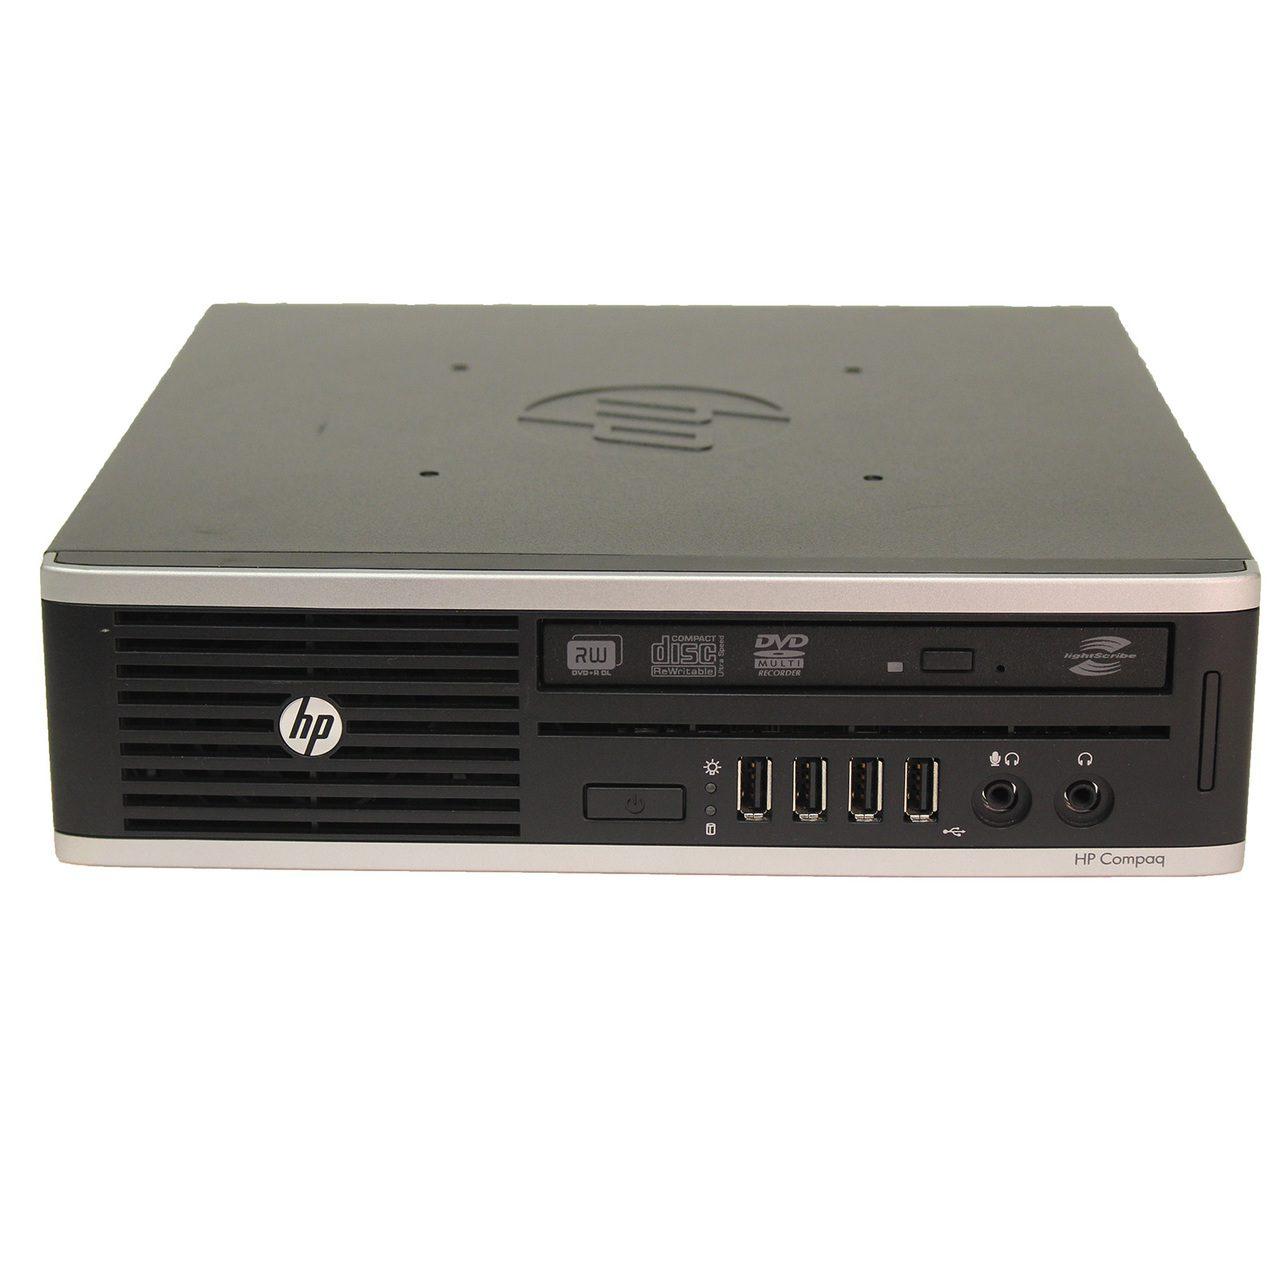 دسکتاپ اچ پی مدل Compaq 8300 ussf – B